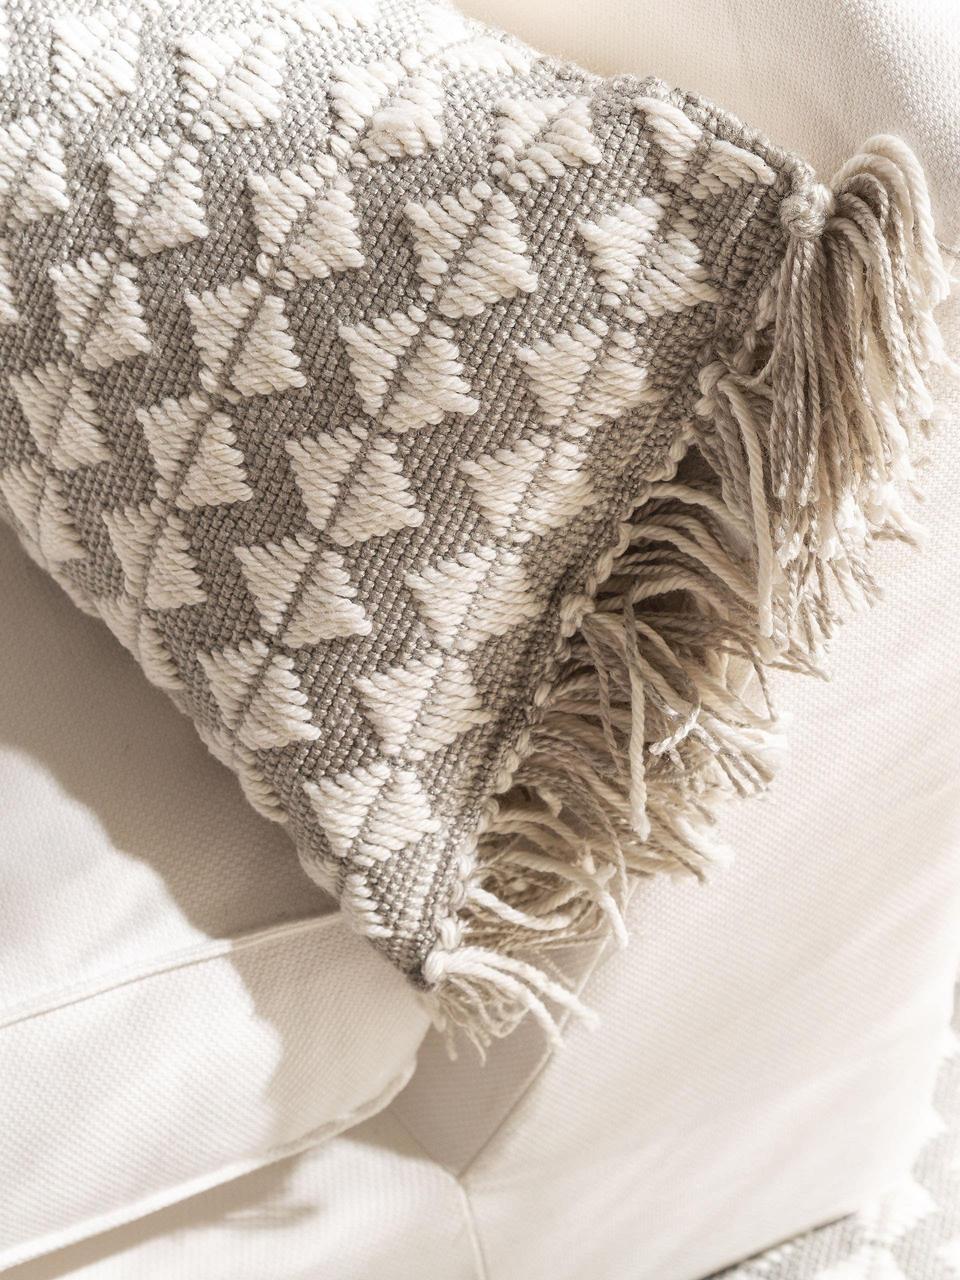 In- & outdoor kussen Morty met ethnopatroon en franjes, met vulling, 100% polyester (gerecycled PET), Grijs, gebroken wit, 30 x 50 cm